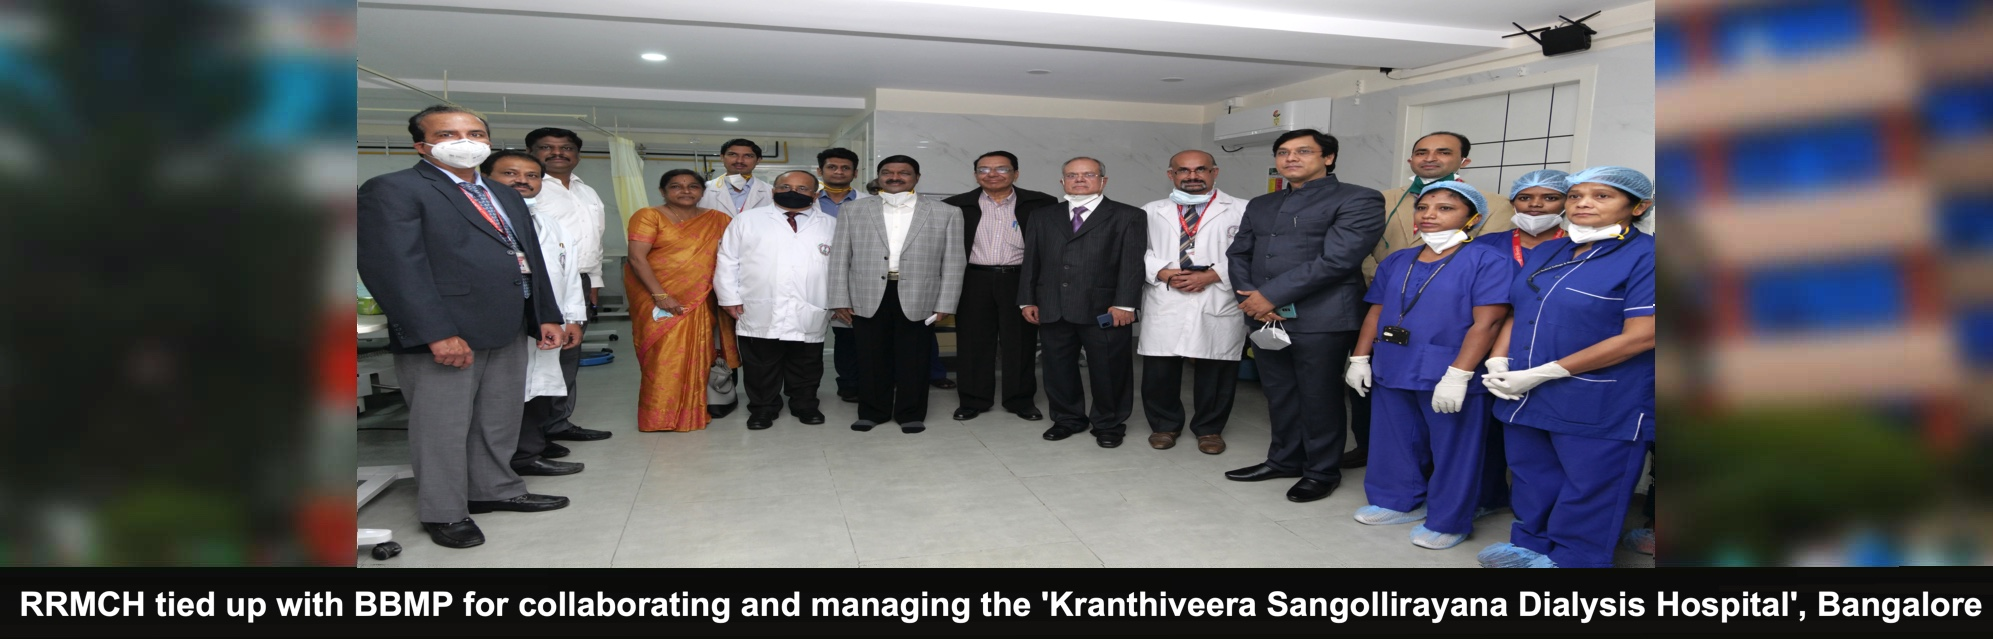 Kranthiveera1